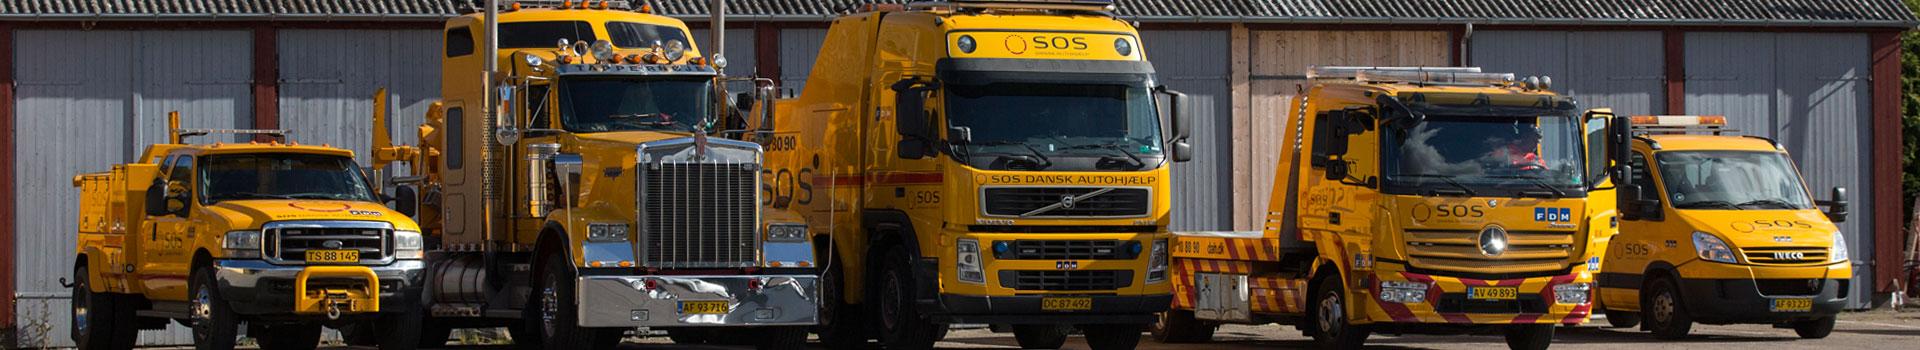 a4def742a35 Vejhjælpsaftale   Erhverv   SOS Dansk Autohjælp